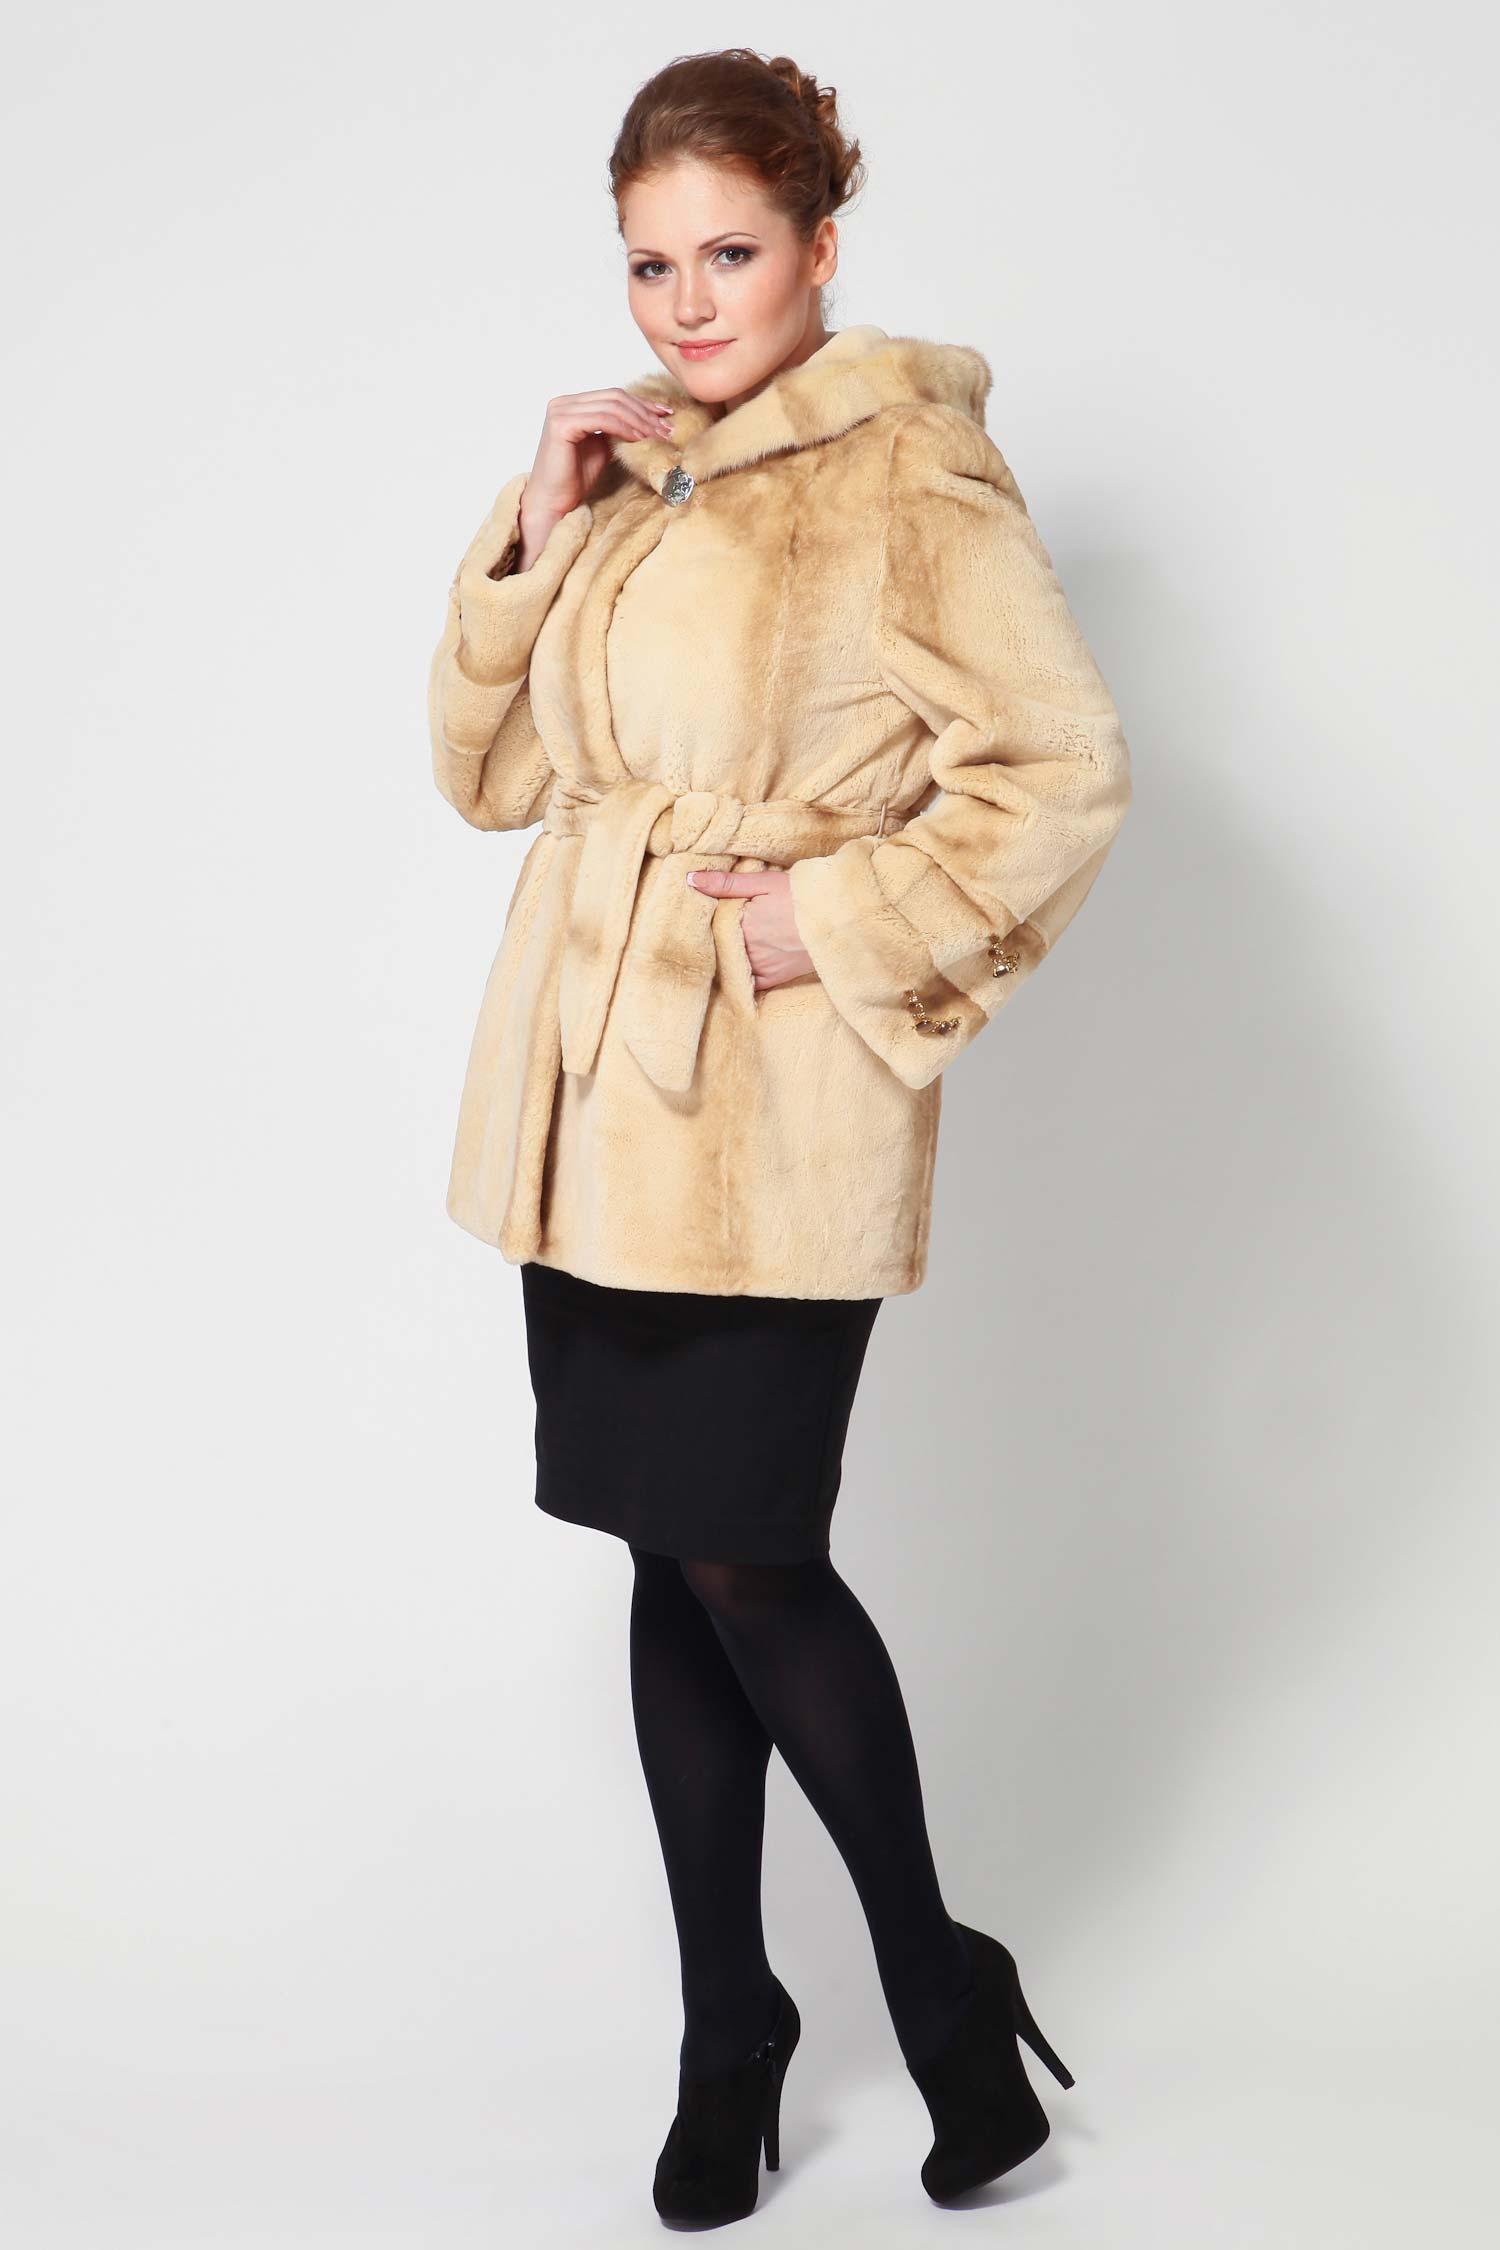 Пальто из кролика рекс с капюшоном, отделка норка от Московская Меховая Компания